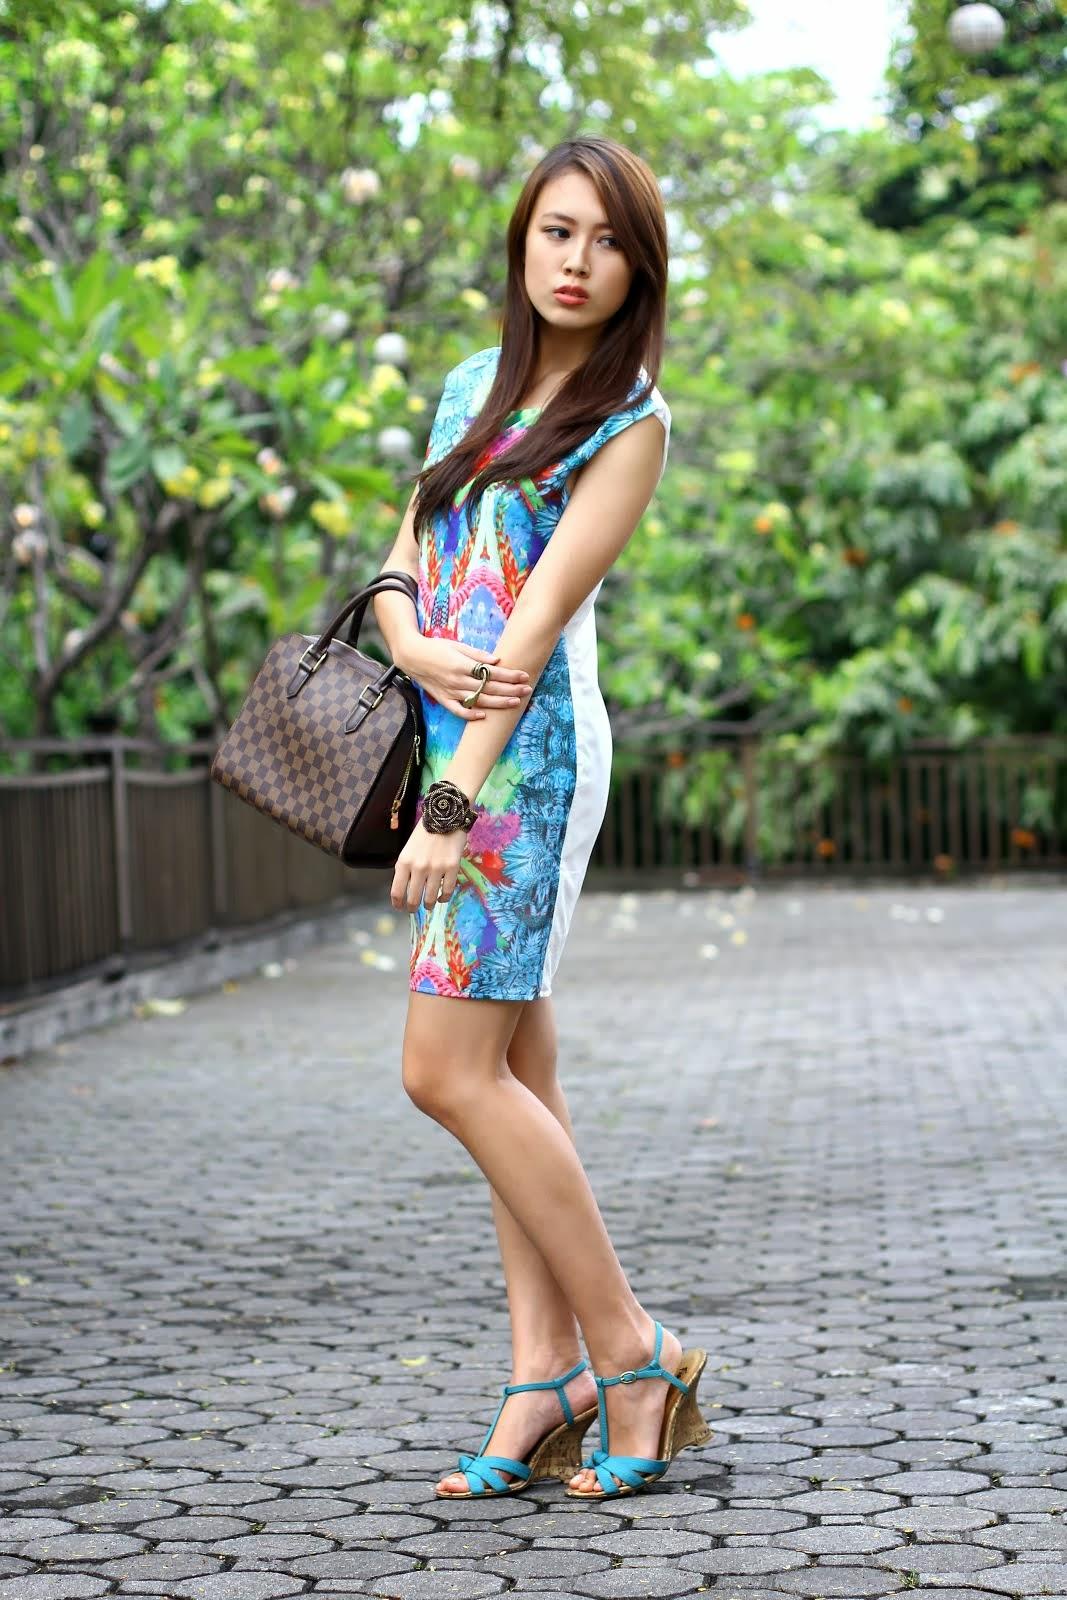 Alyssa Yu